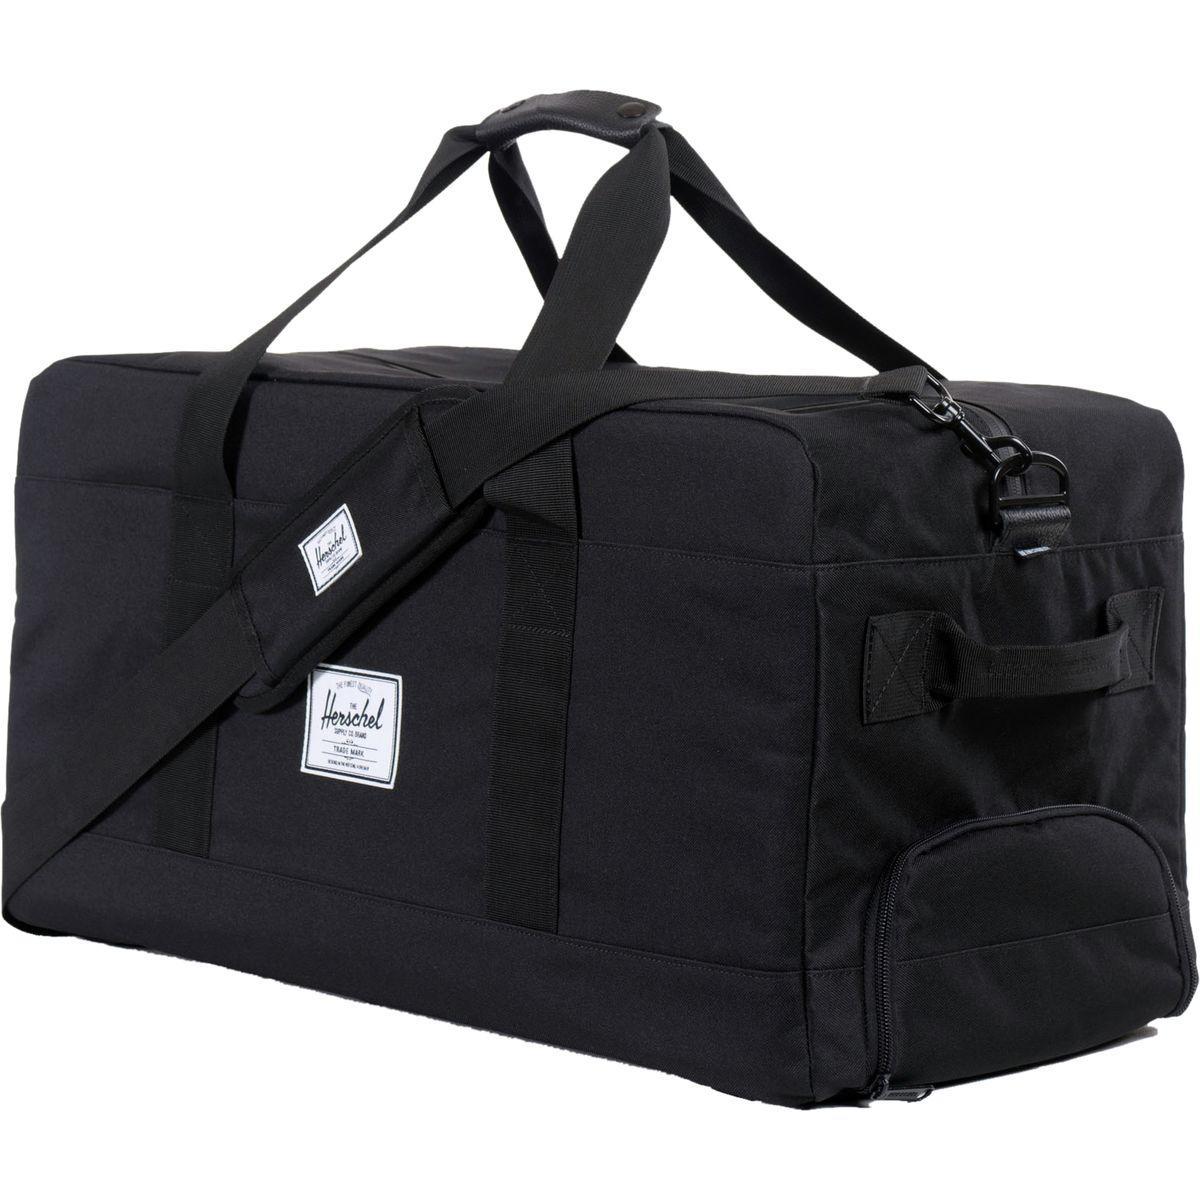 a37b76e715dd Herschel Supply Co. - Black Outfitter 63l Duffel for Men - Lyst. View  fullscreen